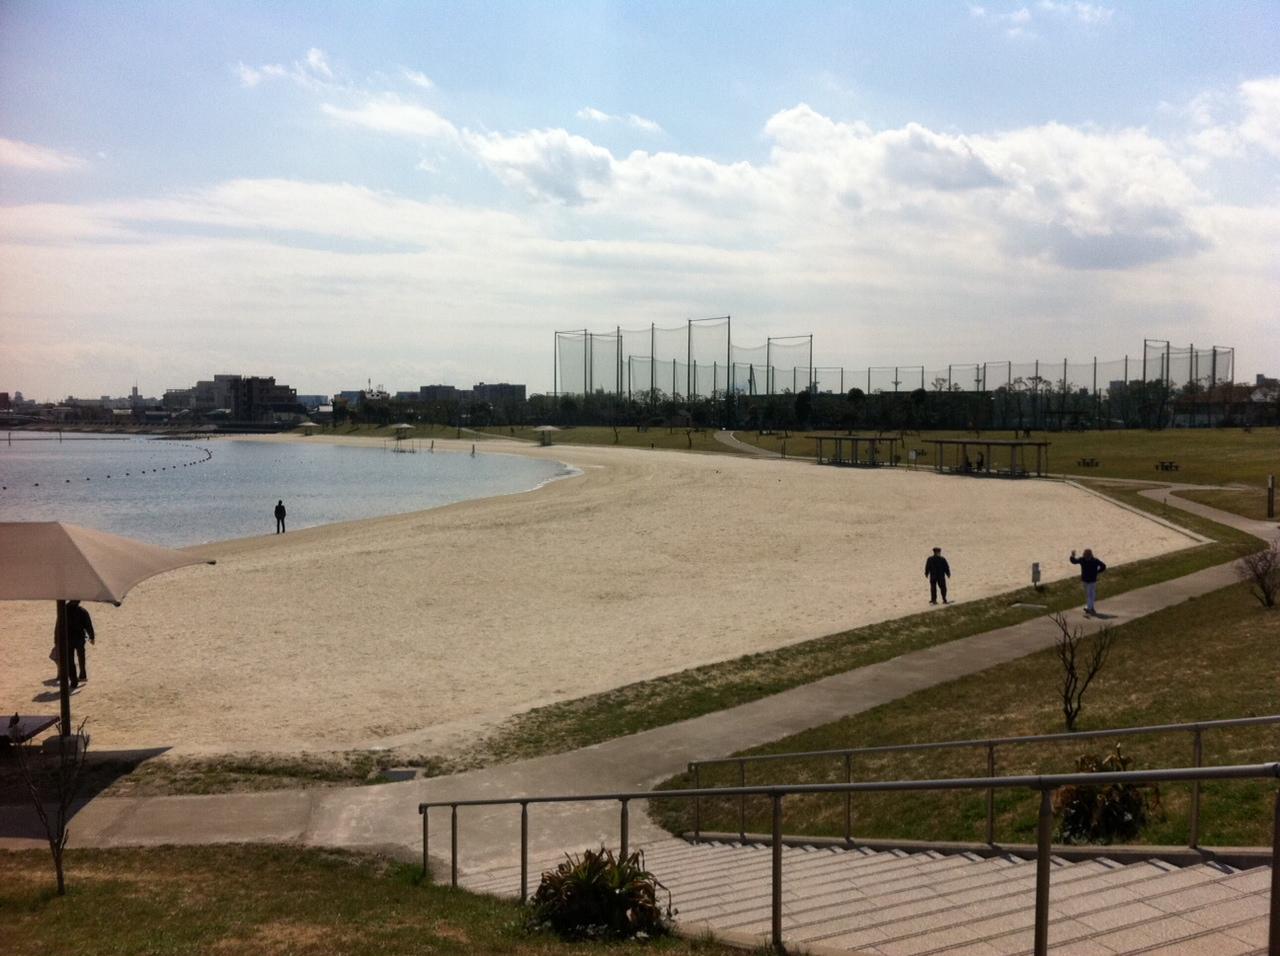 空と海のブルー。僕の命の原点「ふるはま公園」。_a0112393_14584024.jpg